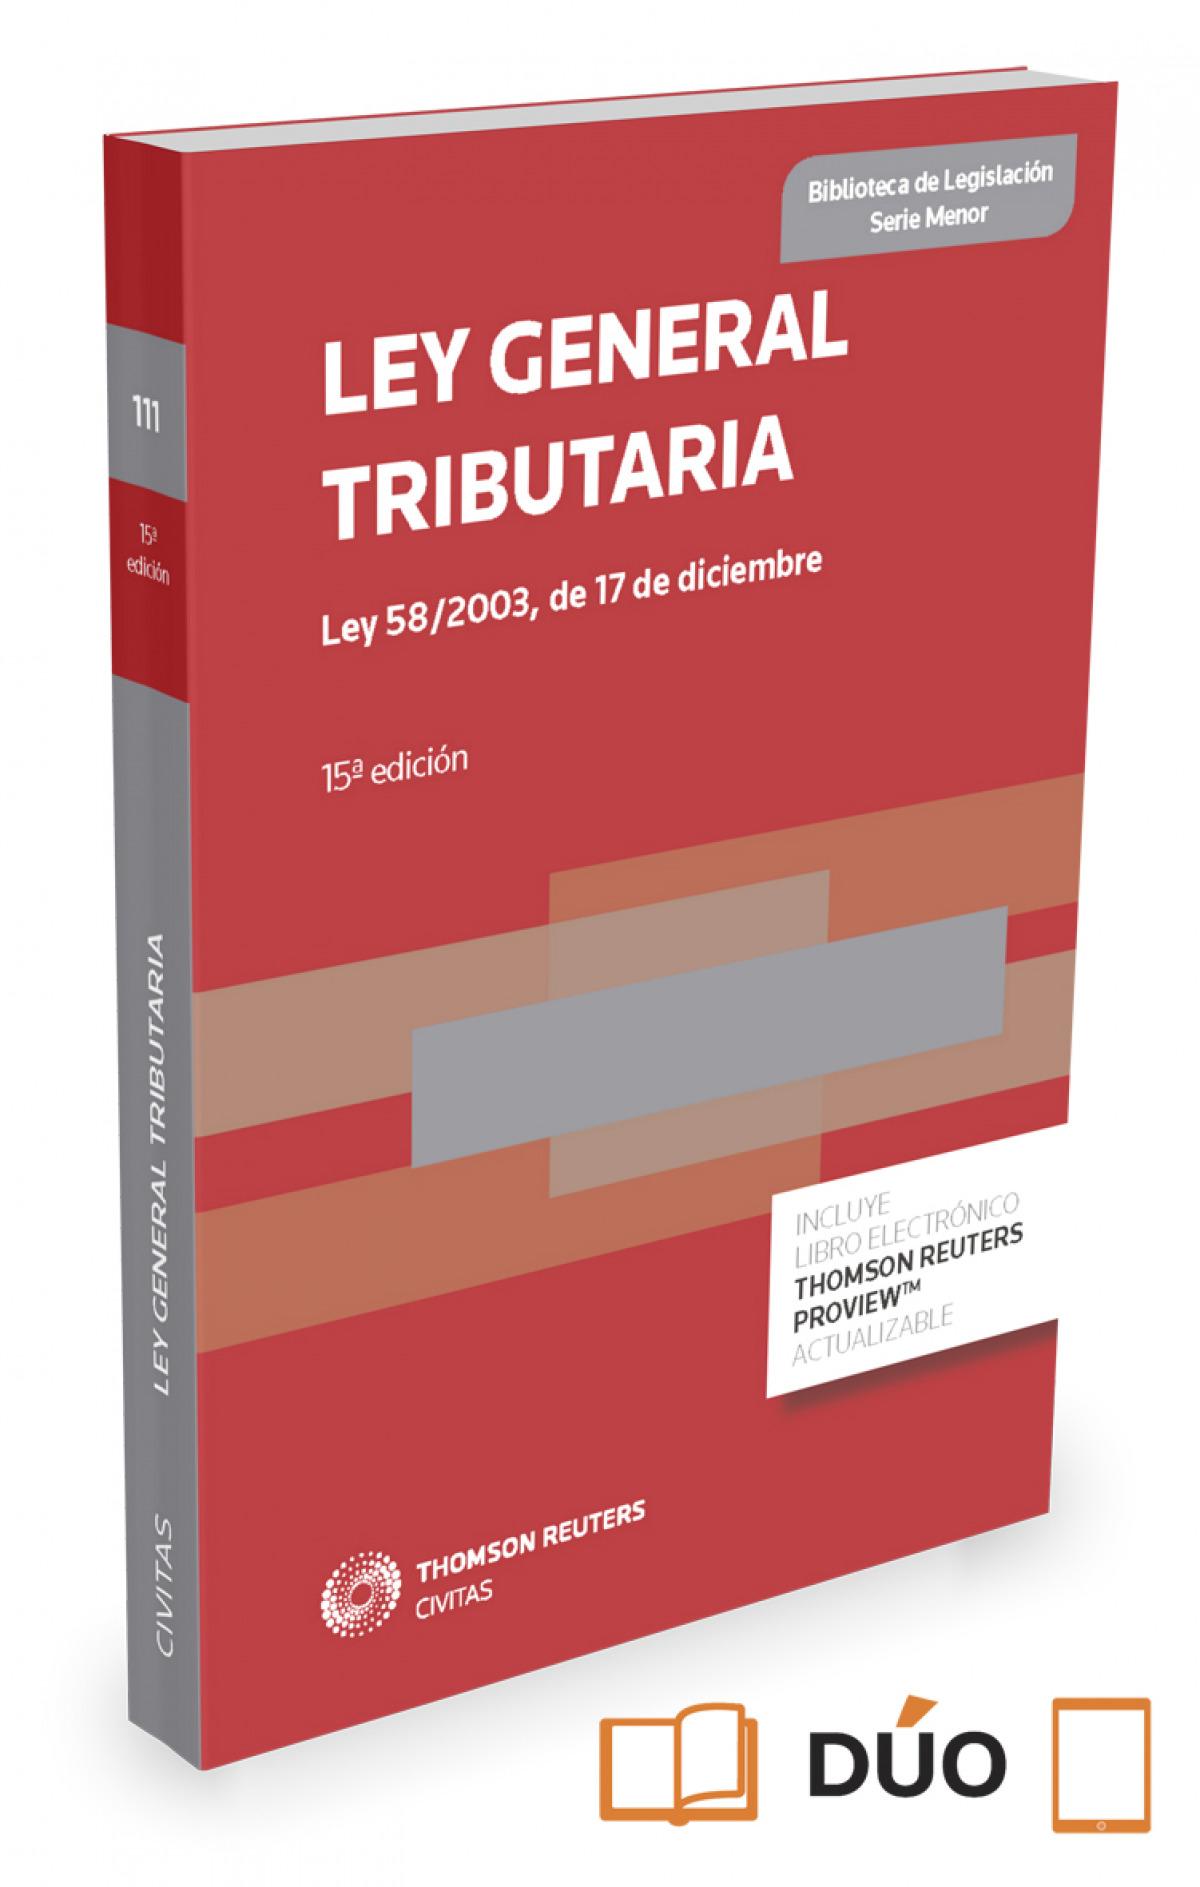 Ley General Tributaria 9788490987209